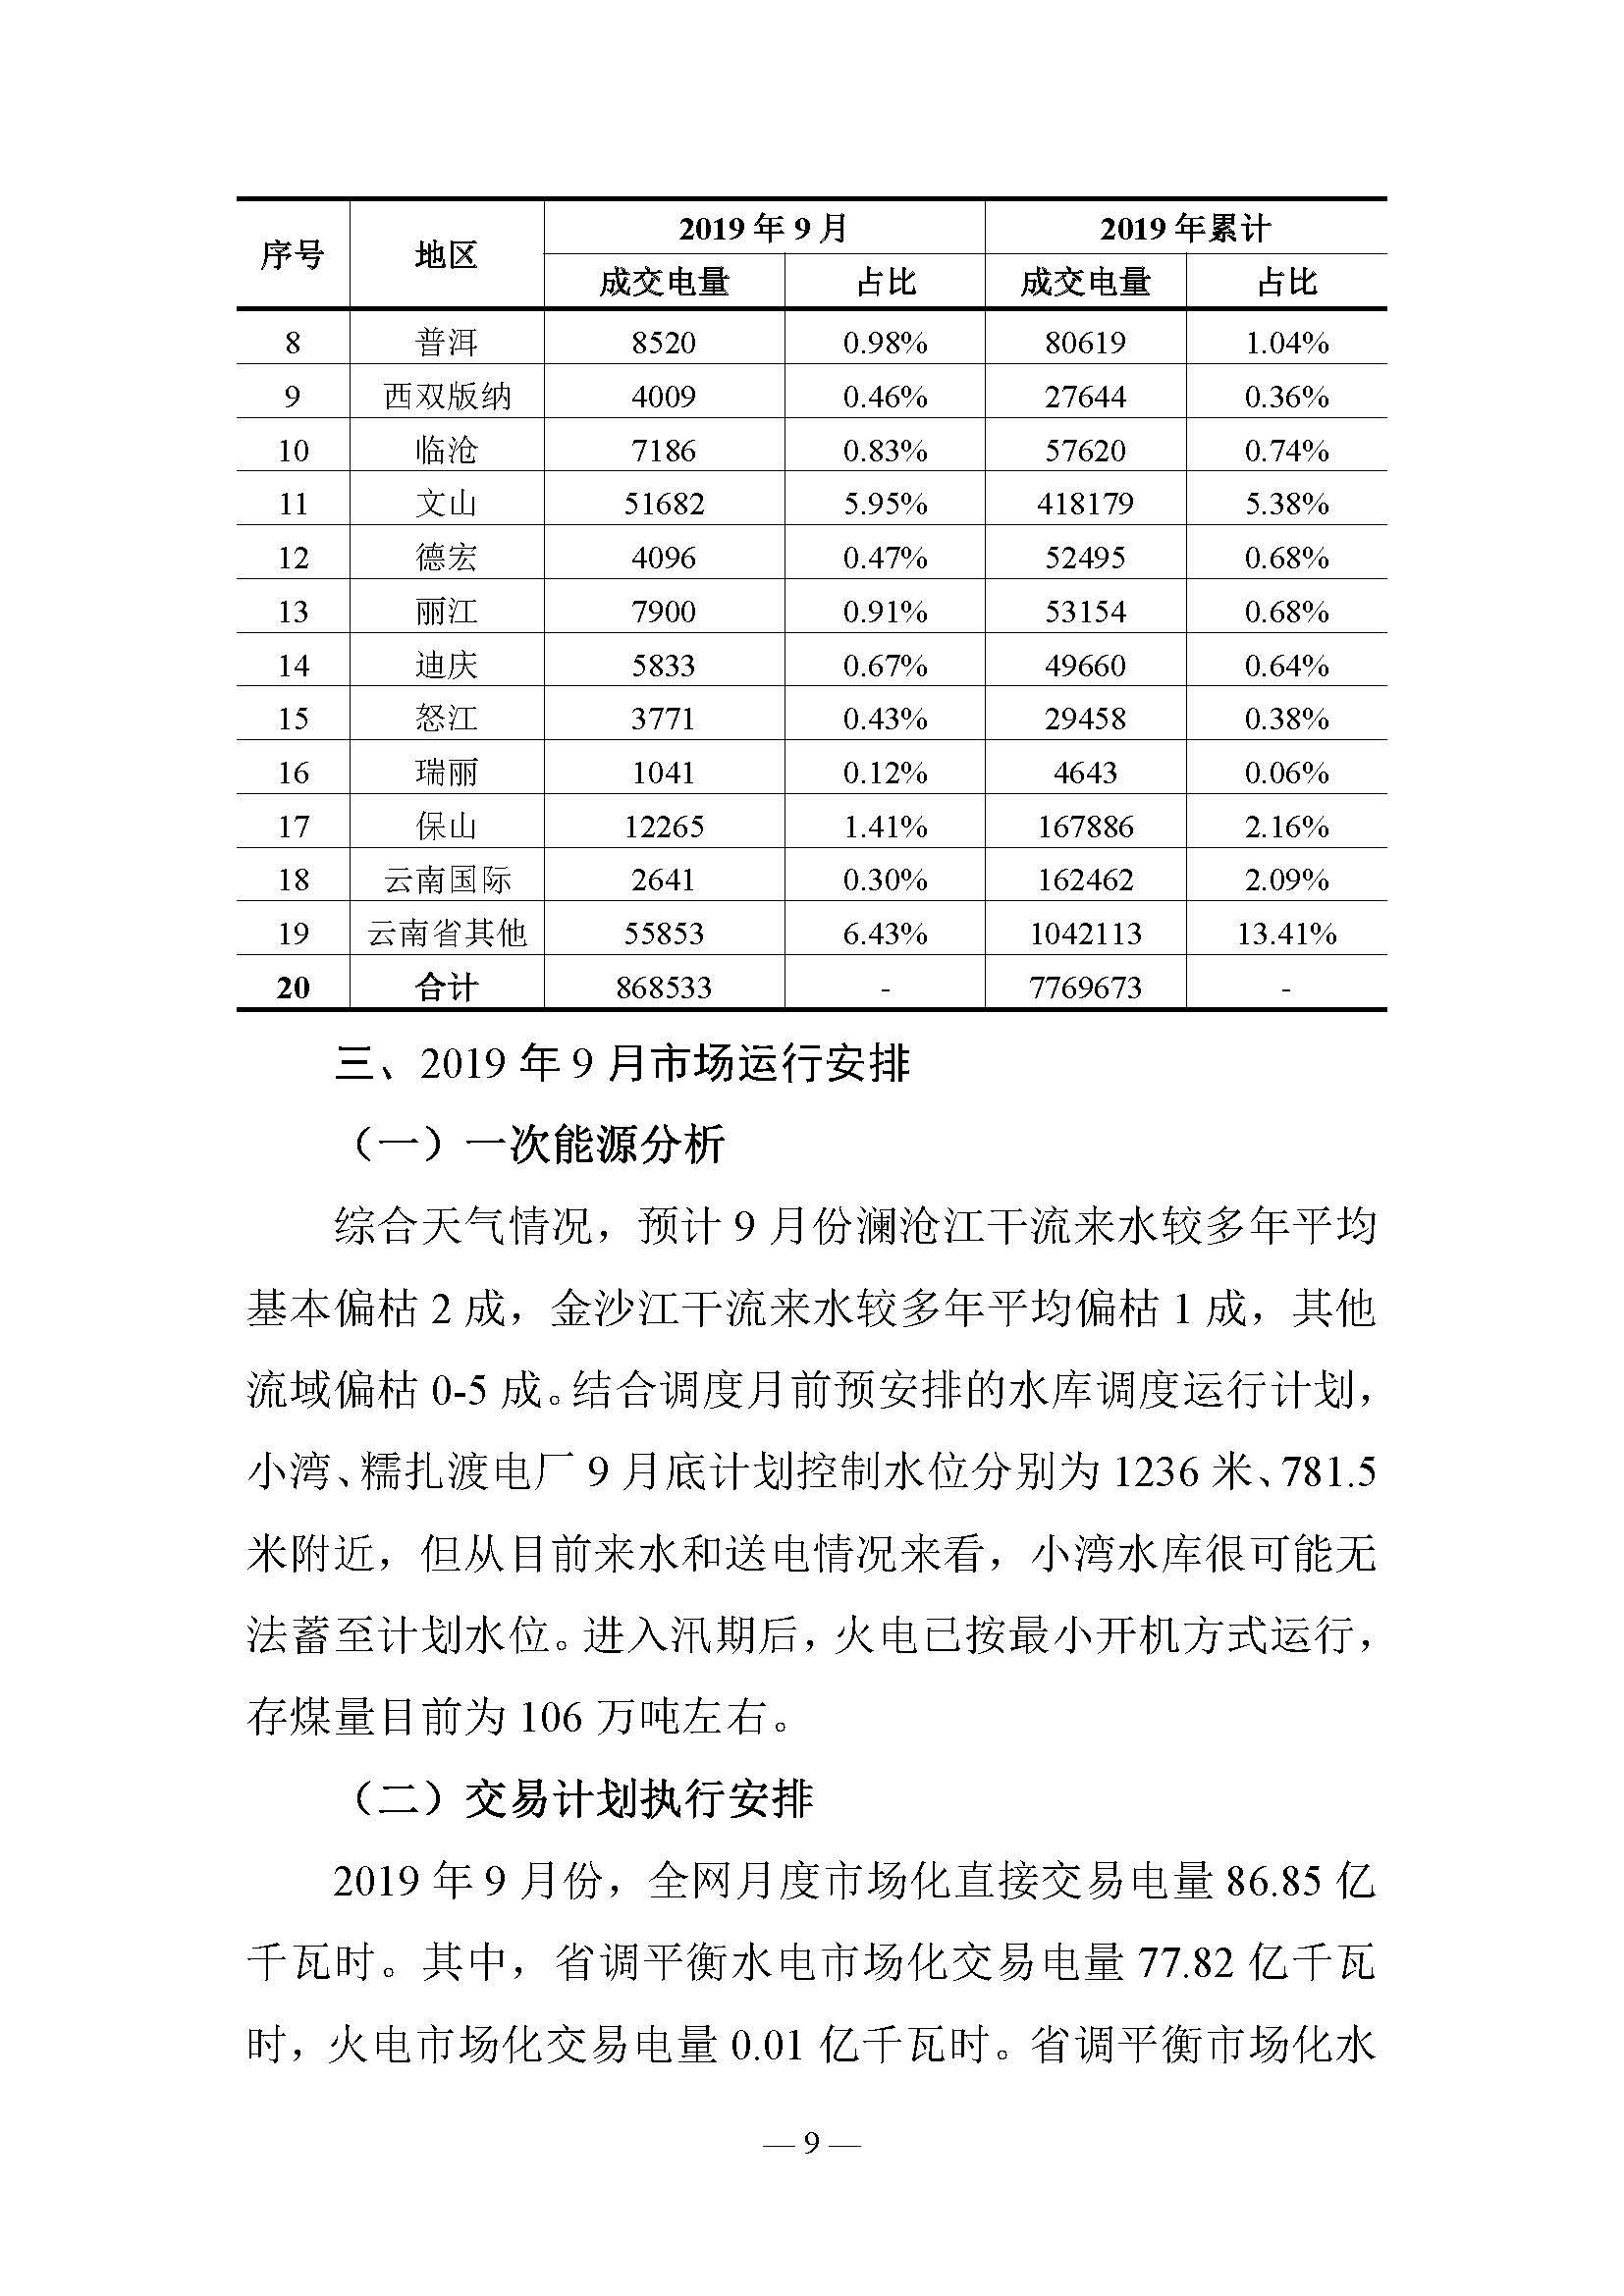 云南电力交易月报:9月平均成交价0.10242元/千瓦时